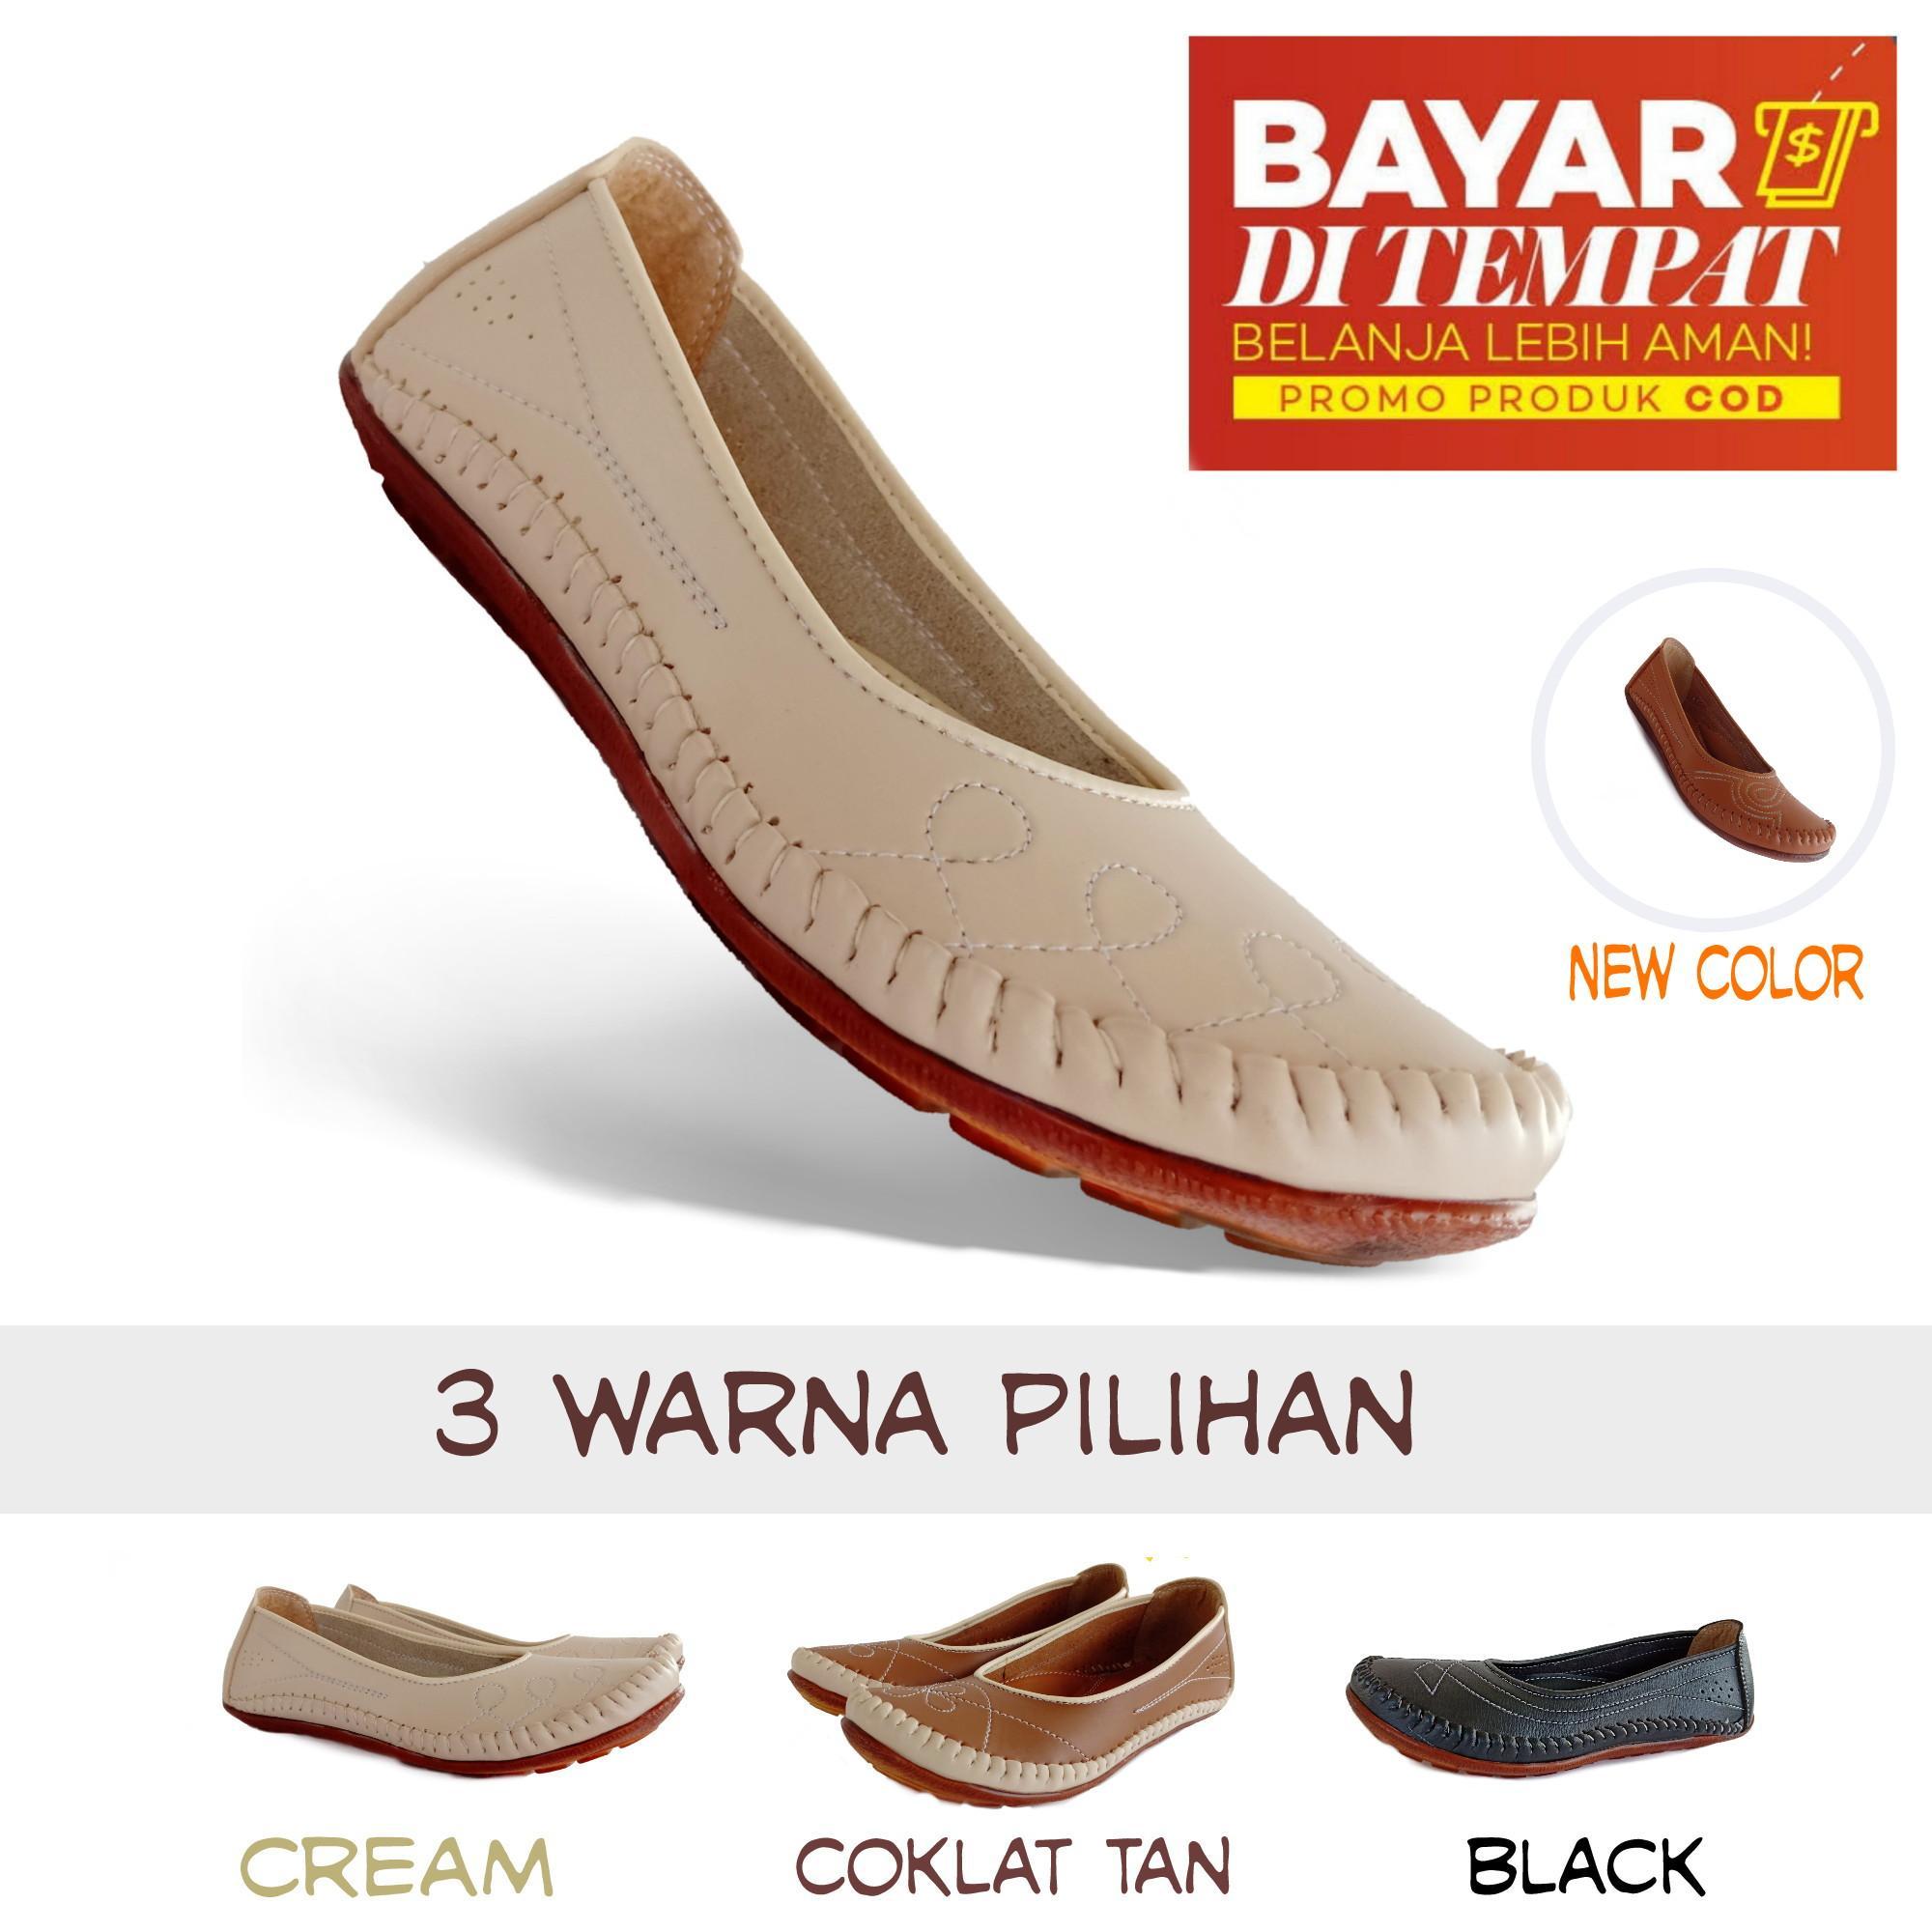 Gatio   Sepatu Wanita   Sepatu cewek   Sepatu Wanita Flat   Sepatu Wanita  Kuliah   6f7e501103